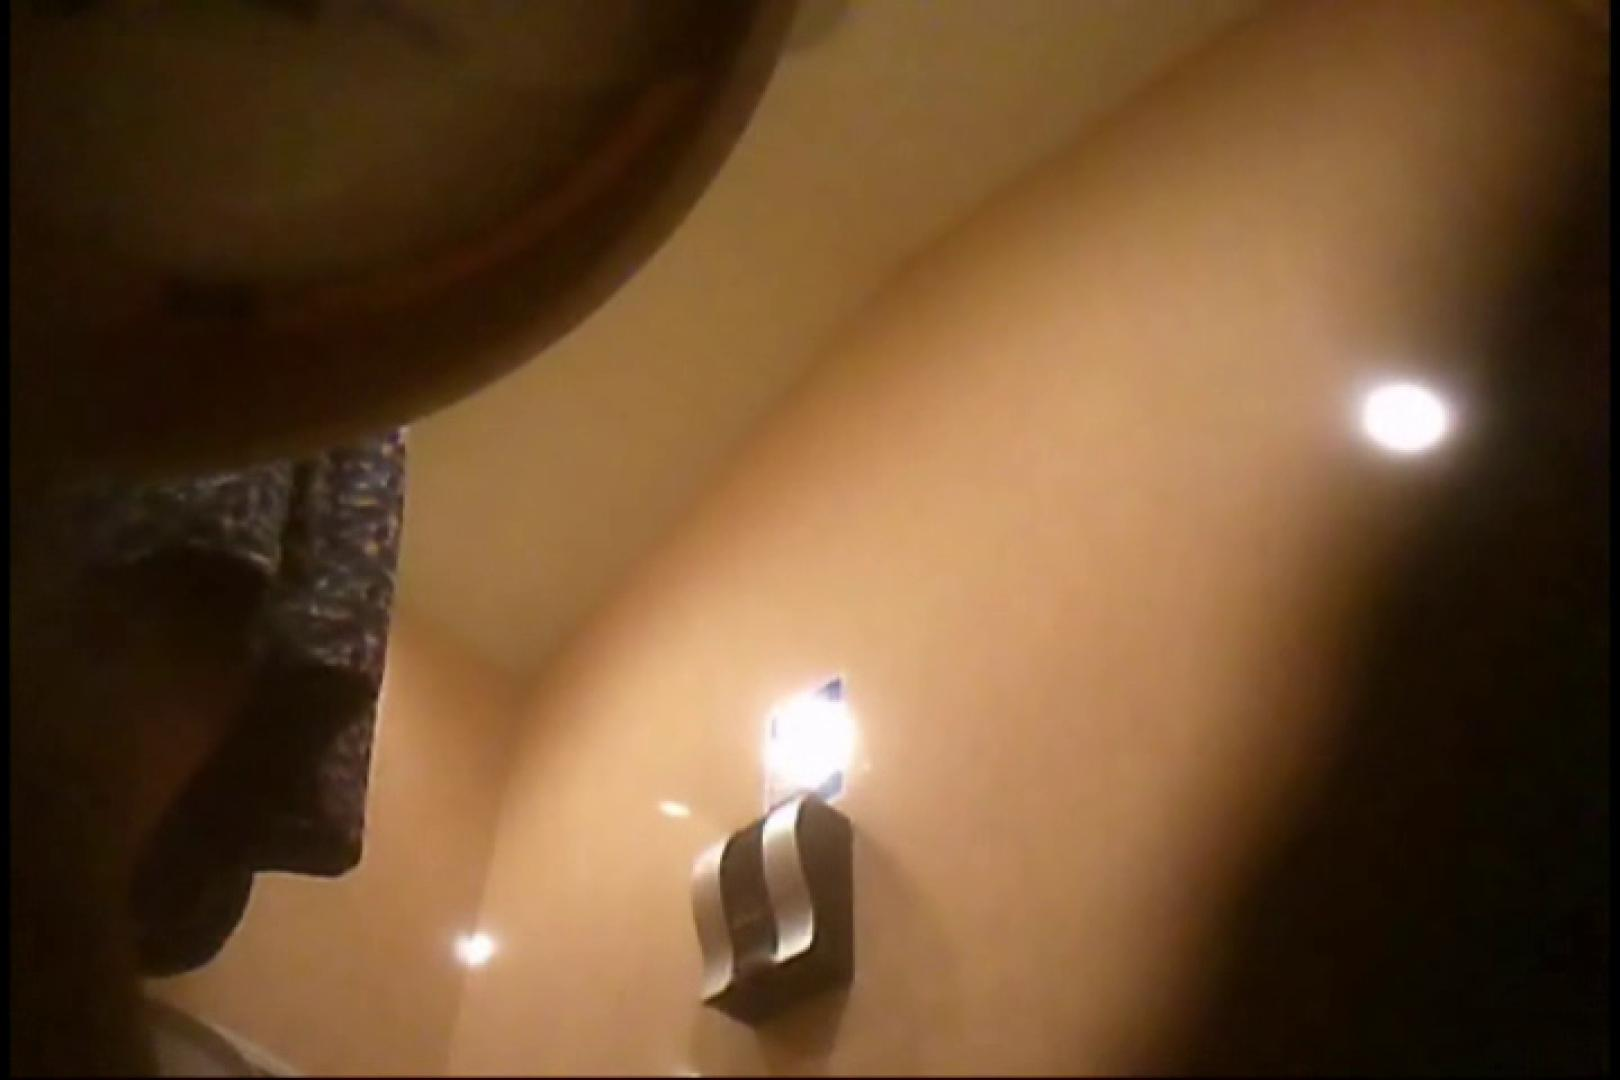 潜入!!女子化粧室盗撮~絶対見られたくない時間~vo,94 熟女のエロ動画 AV動画キャプチャ 111PIX 39